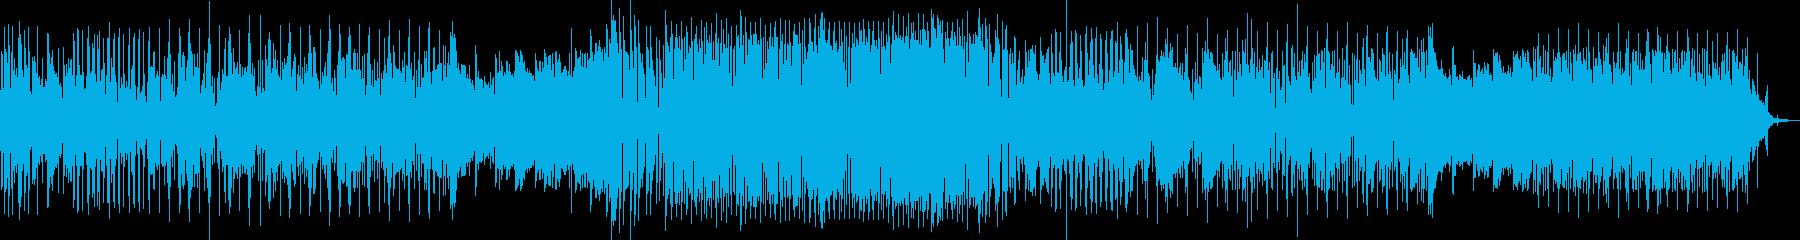 魅惑的なサマーミュージックの再生済みの波形